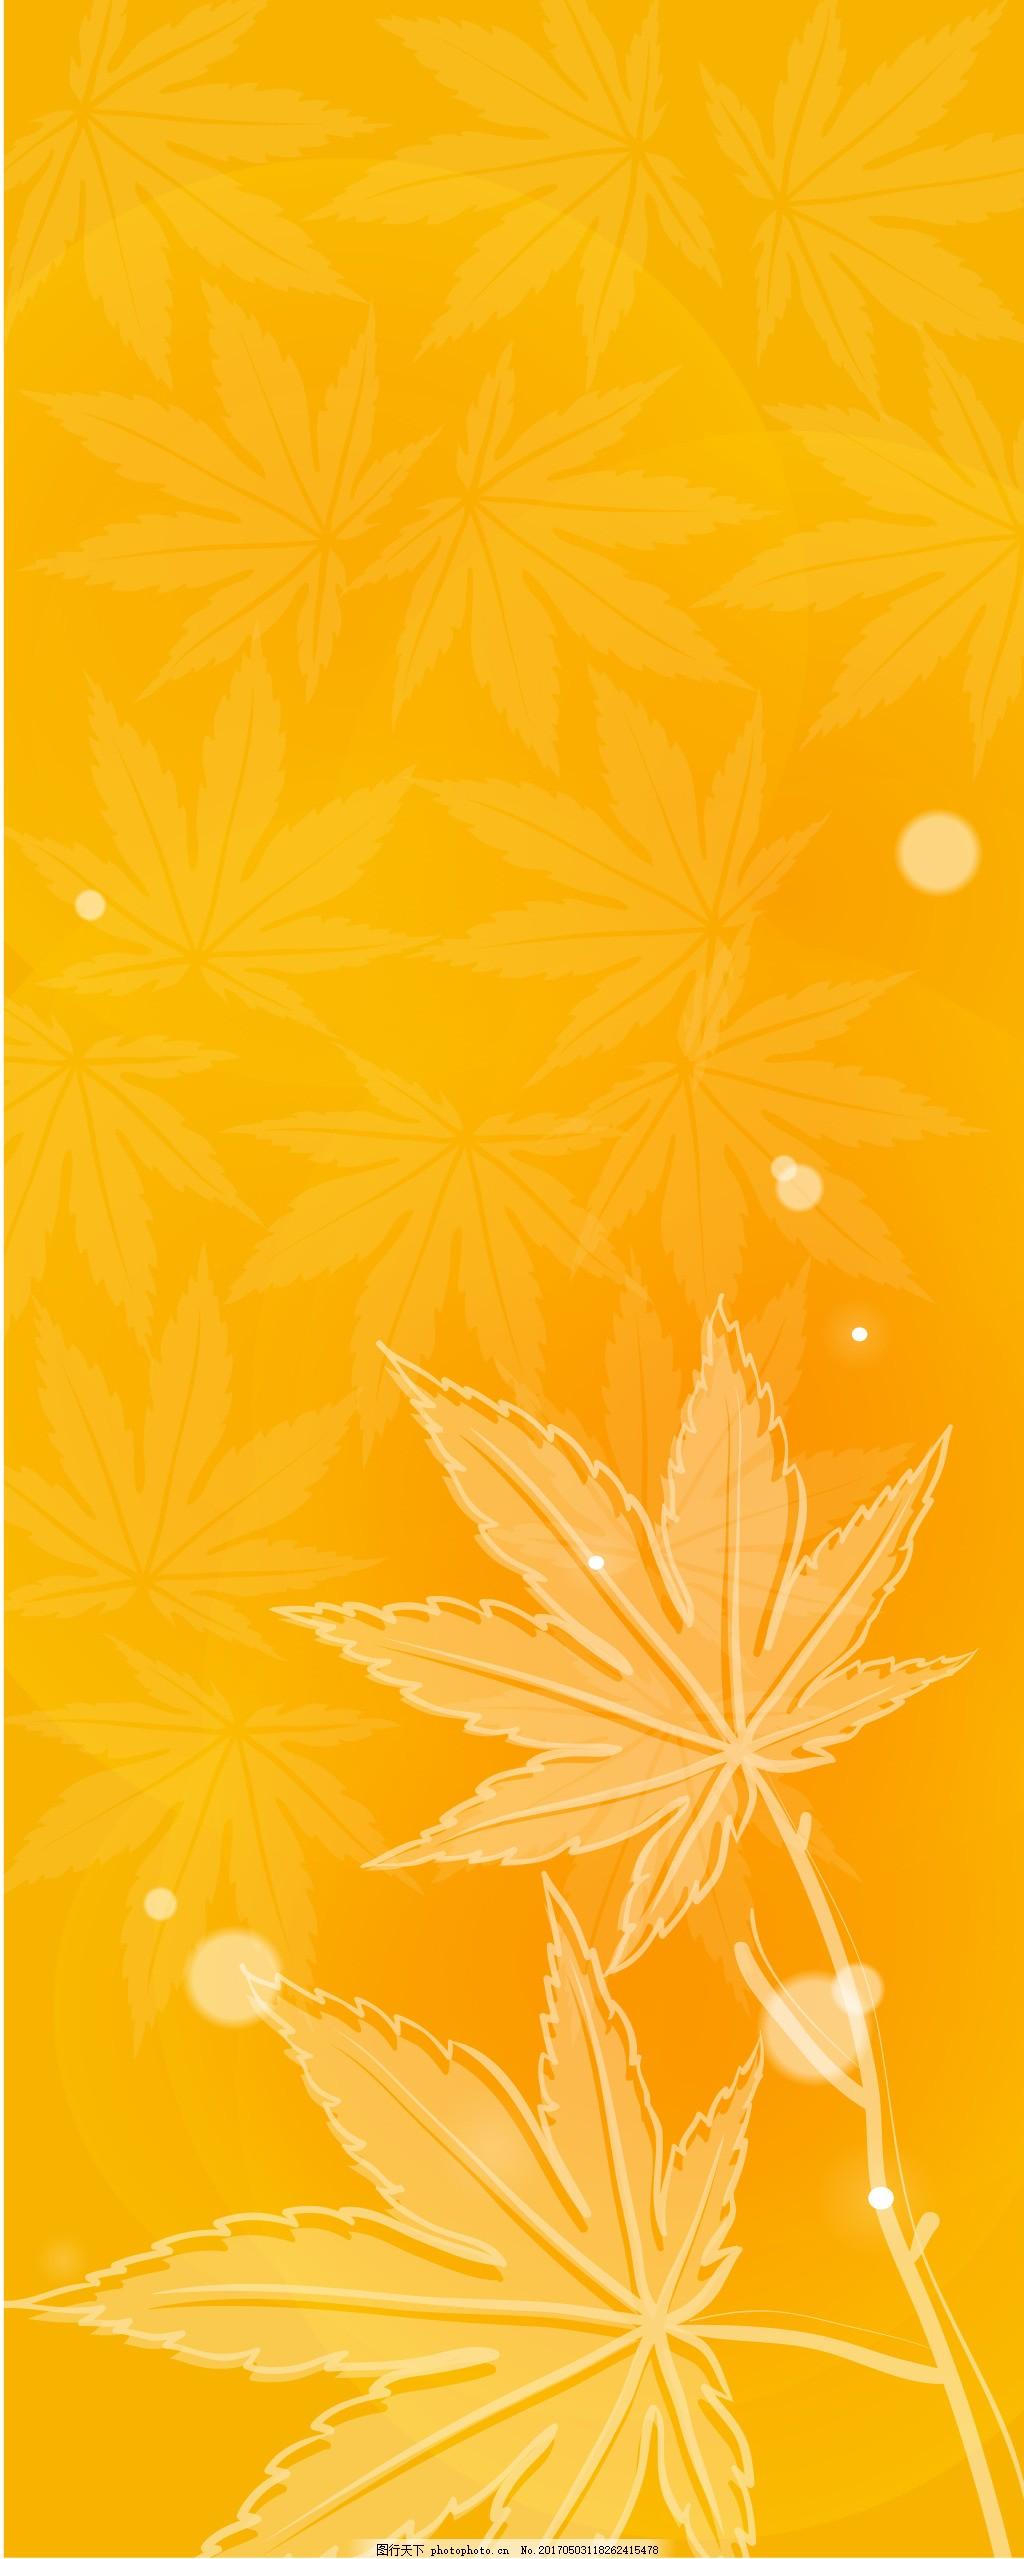 手绘黄色枫叶背景